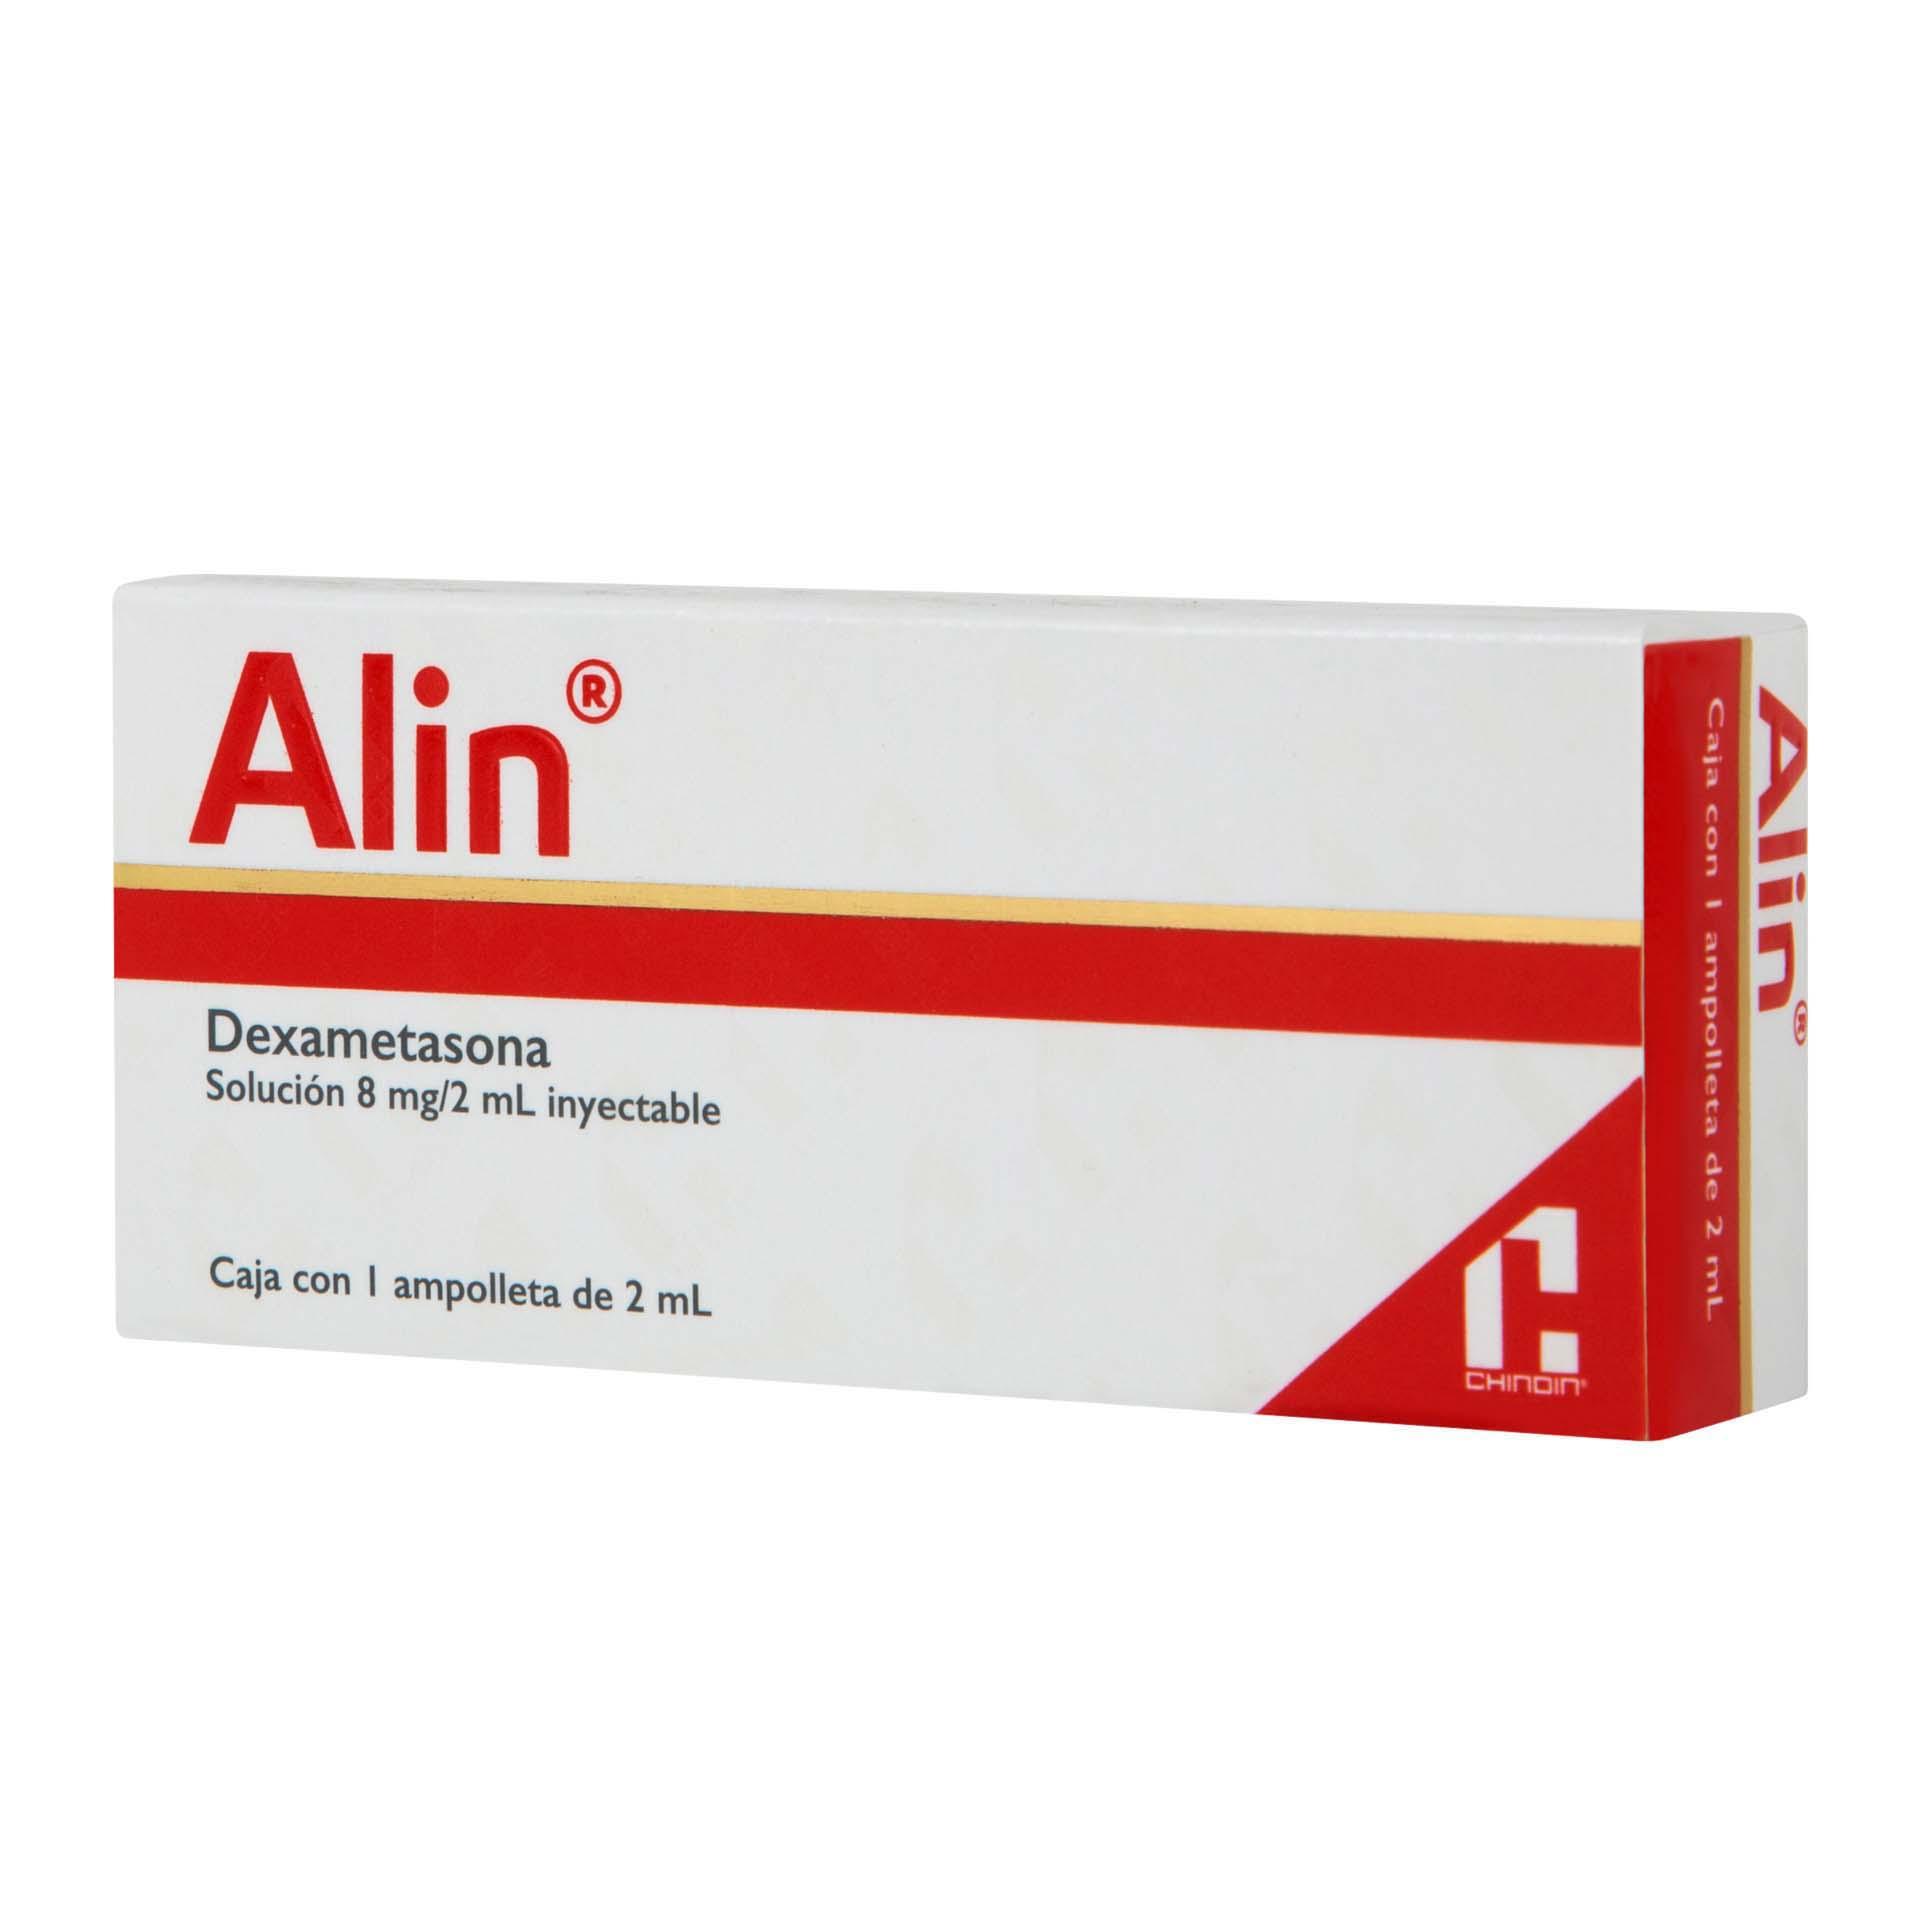 Comprar Alin 2 Ml Caja 1 Ampolleta 2 Ml